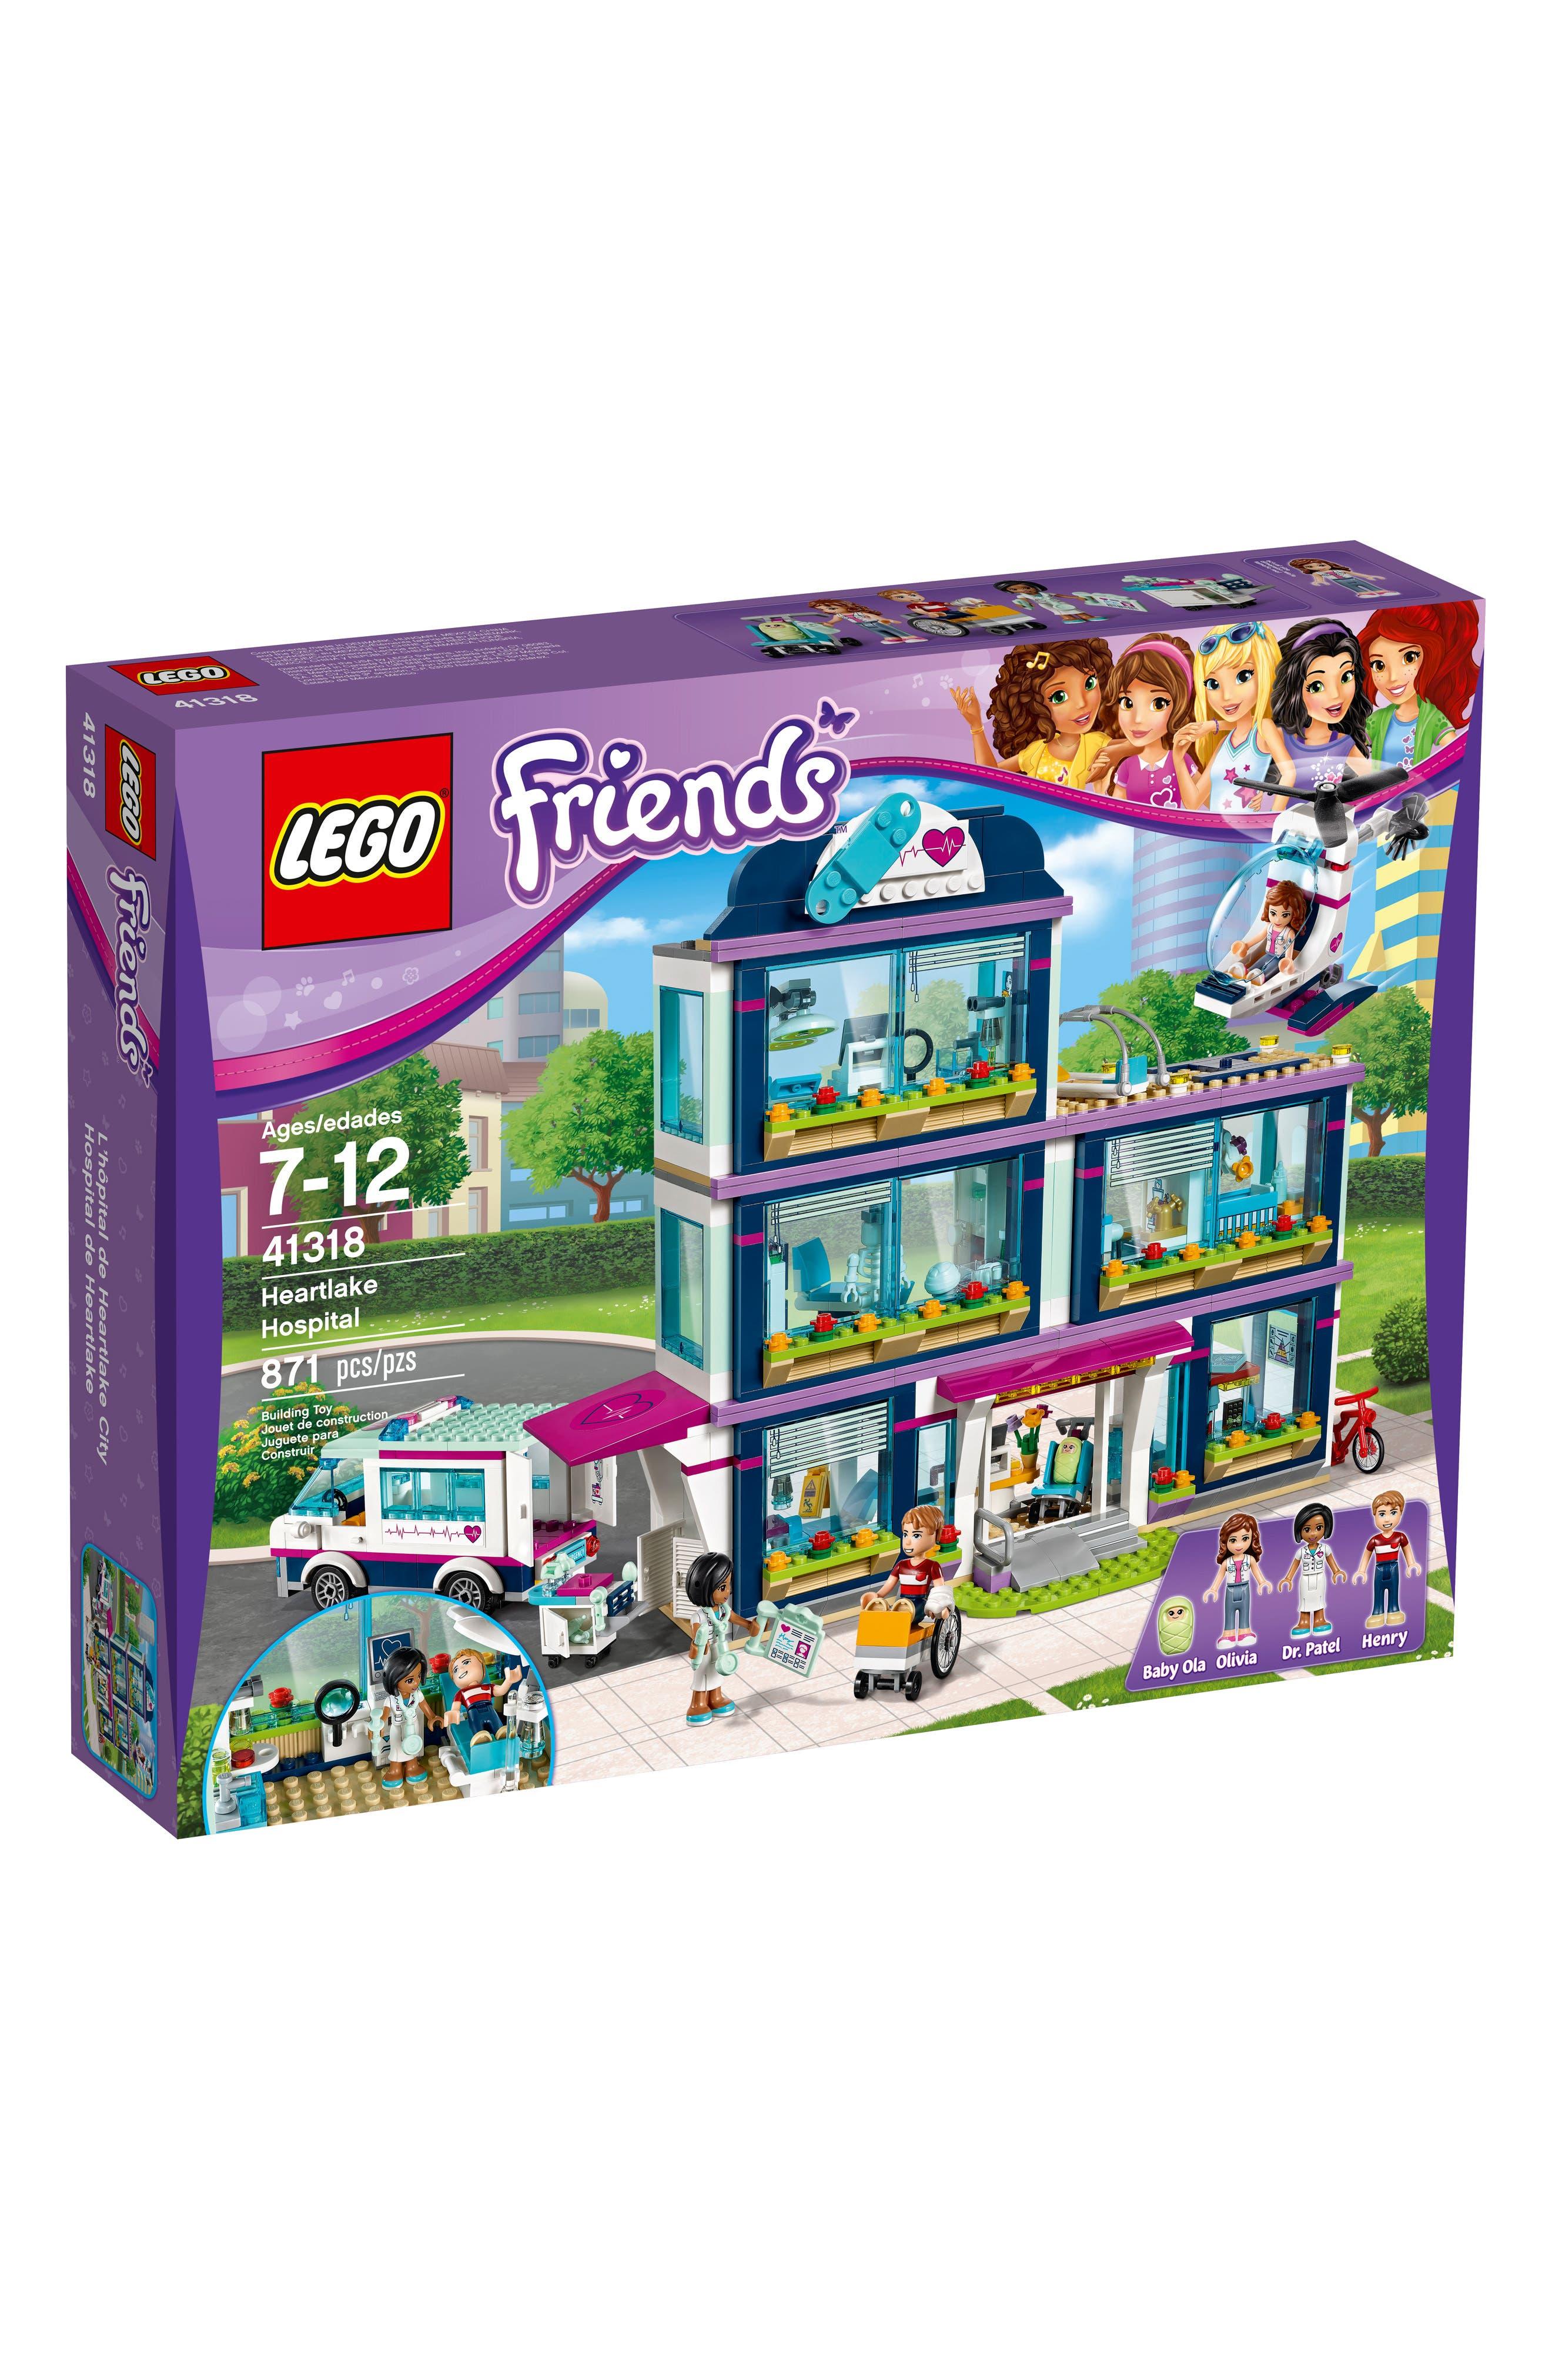 Friends Heartlake Hospital Play Set - 41318,                             Main thumbnail 1, color,                             400